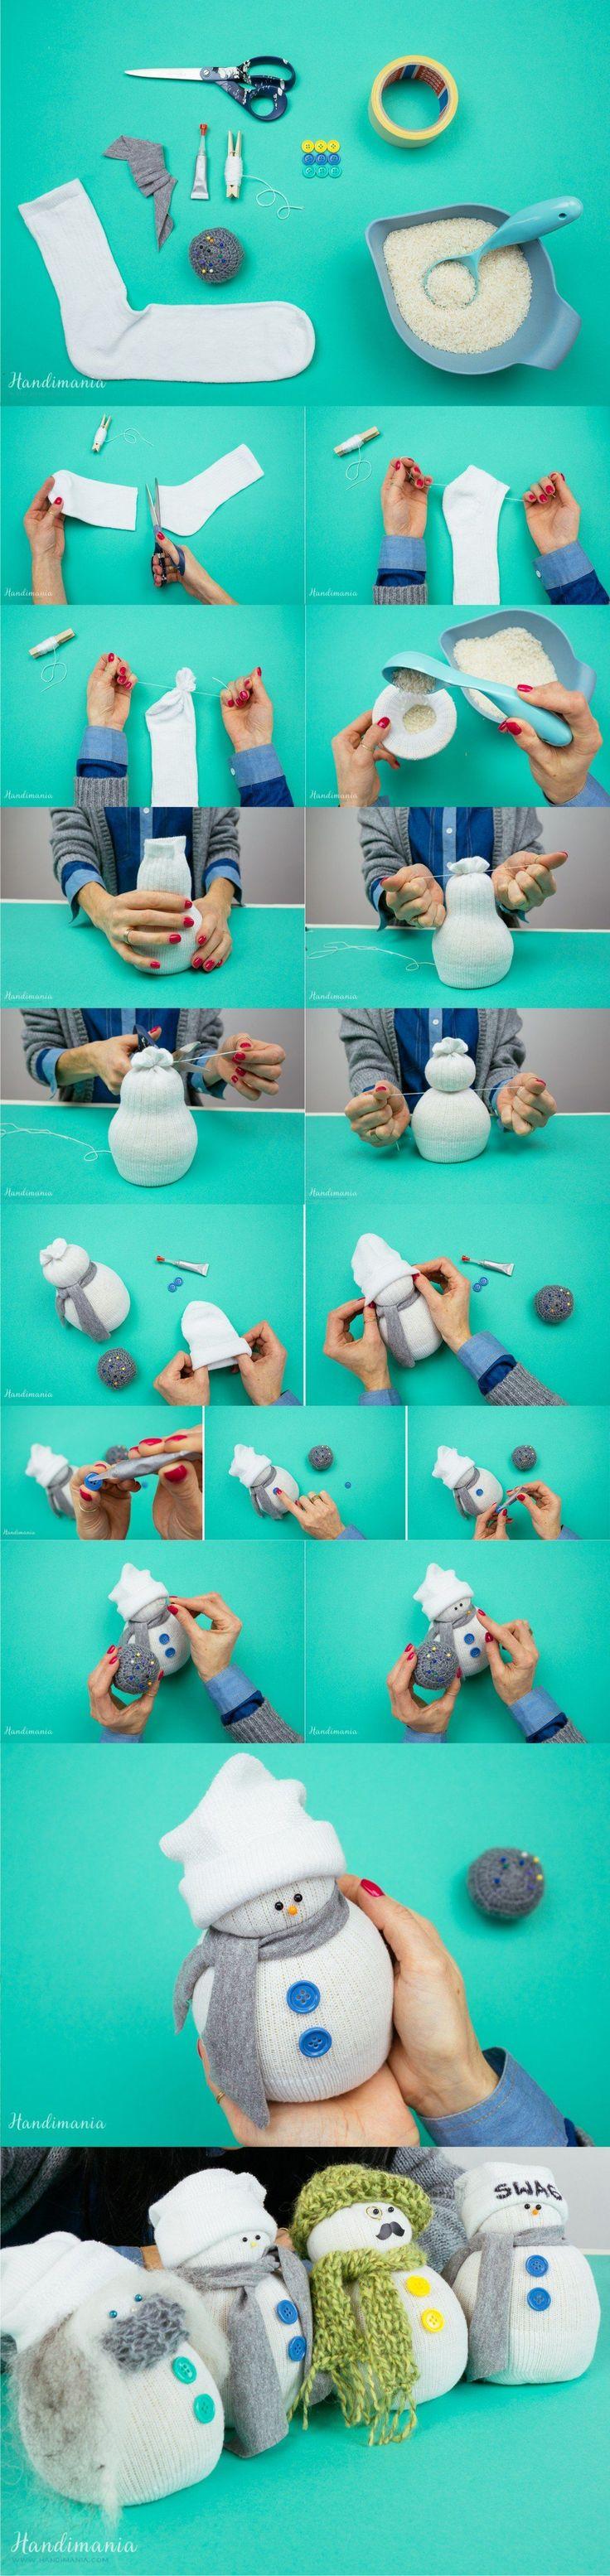 Muñeco de navidad con calcetín - handimania.com